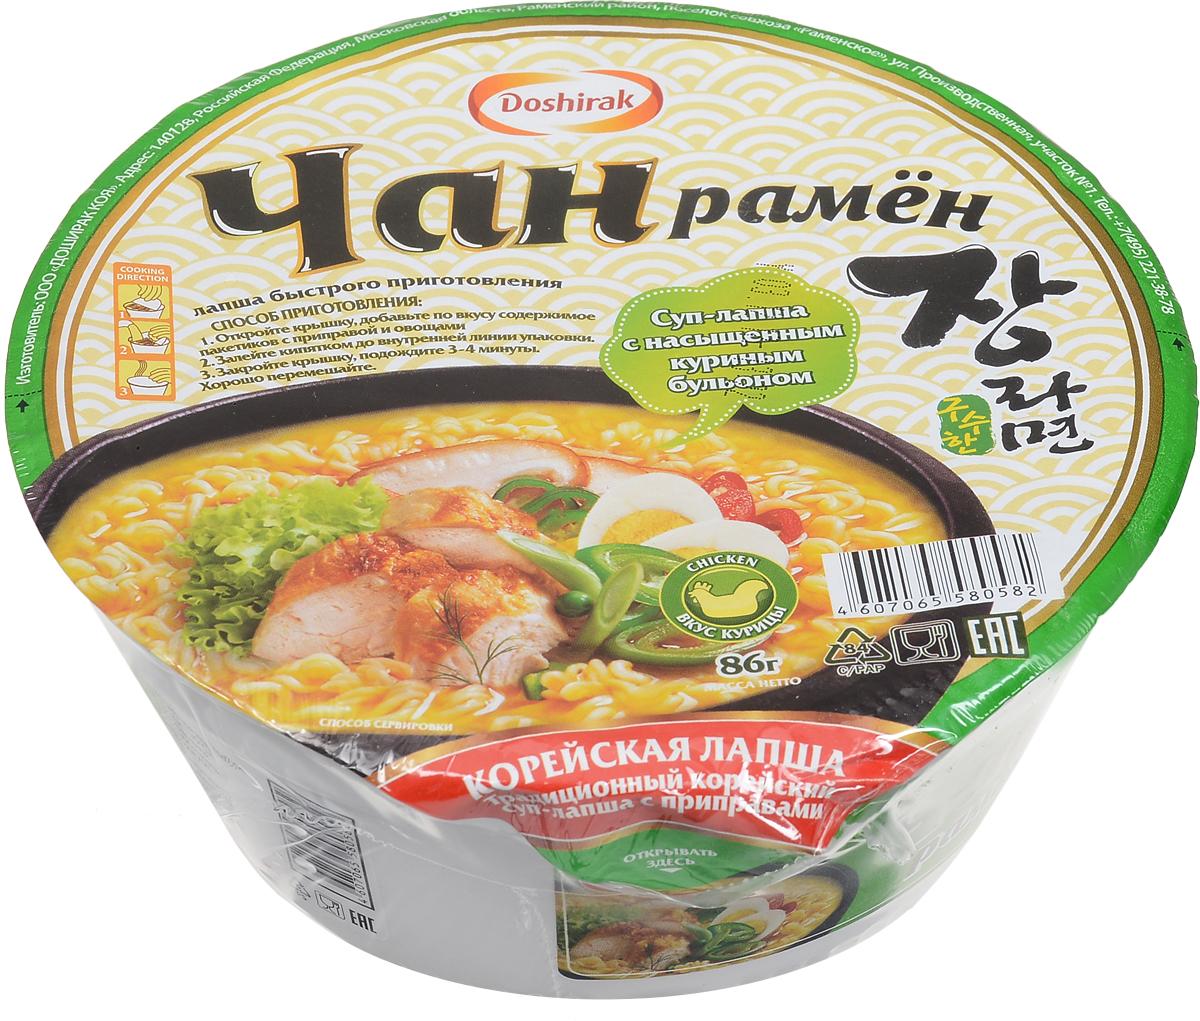 Doshirak Чан рамен лапша быстрого приготовления со вкусом курицы в чашке, 86 г4607065580582Лапша быстрого приготовления, стоит лишь залить кипятком.